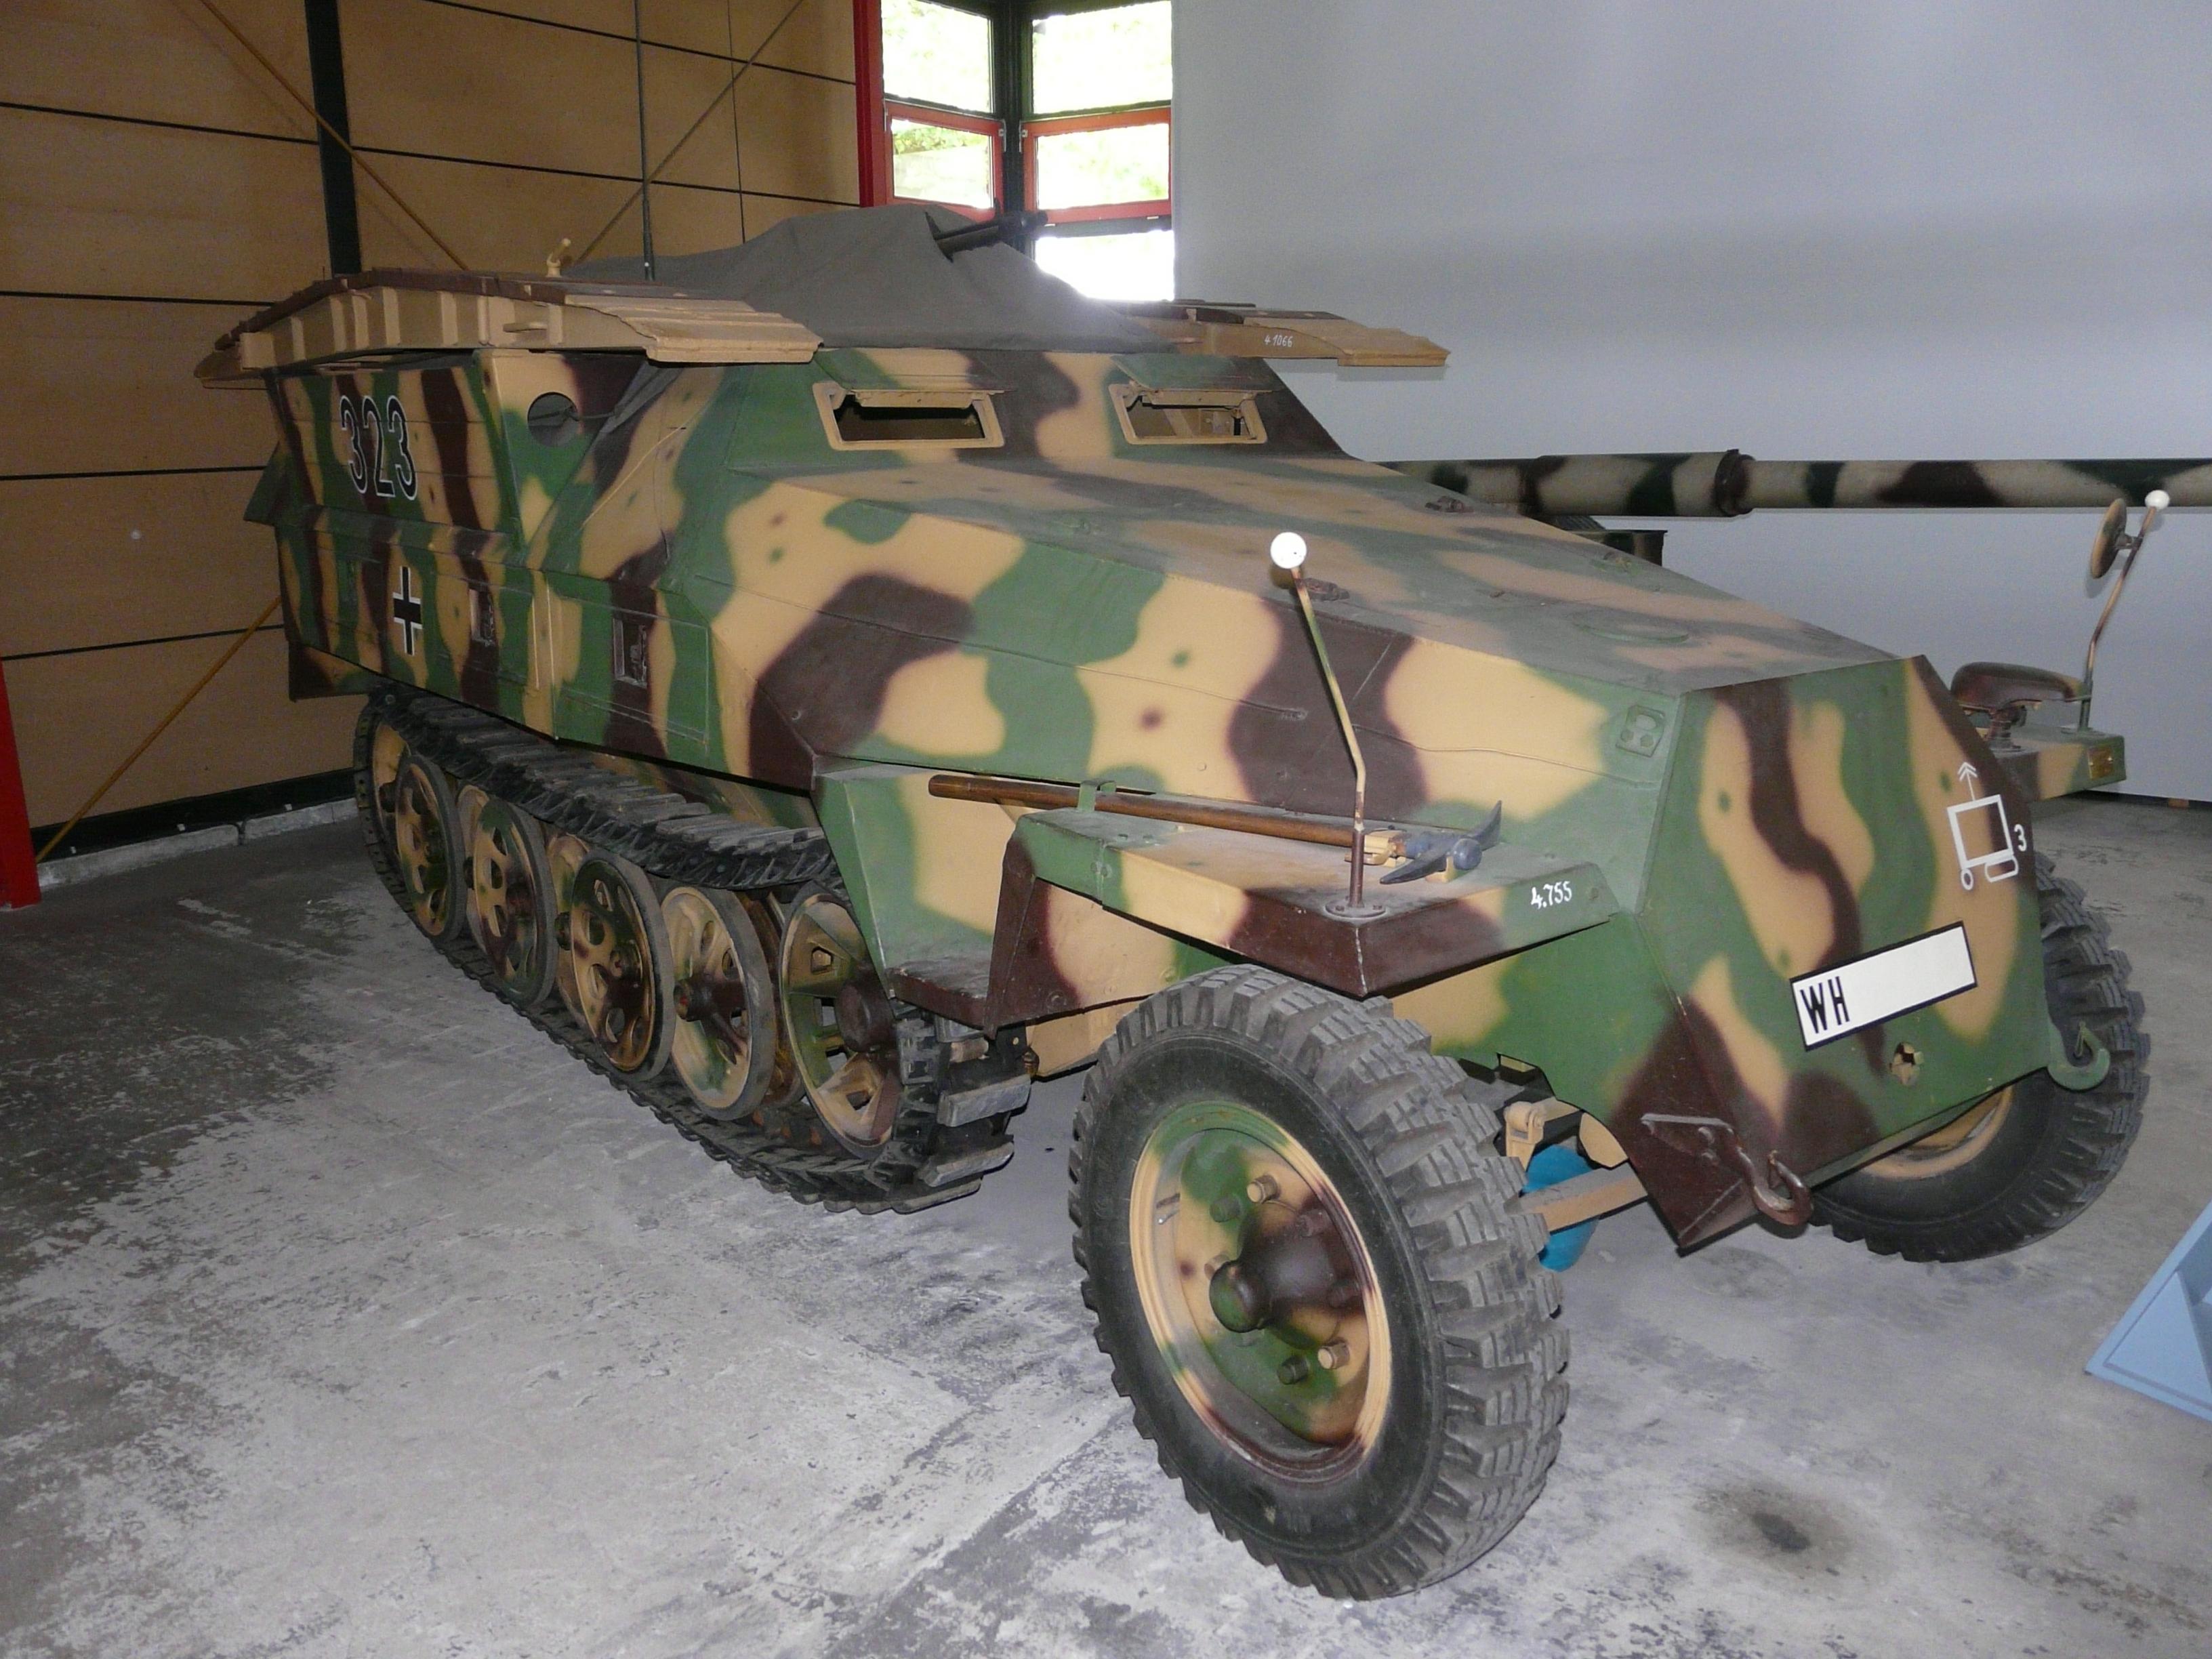 sdkfz251 OT-810